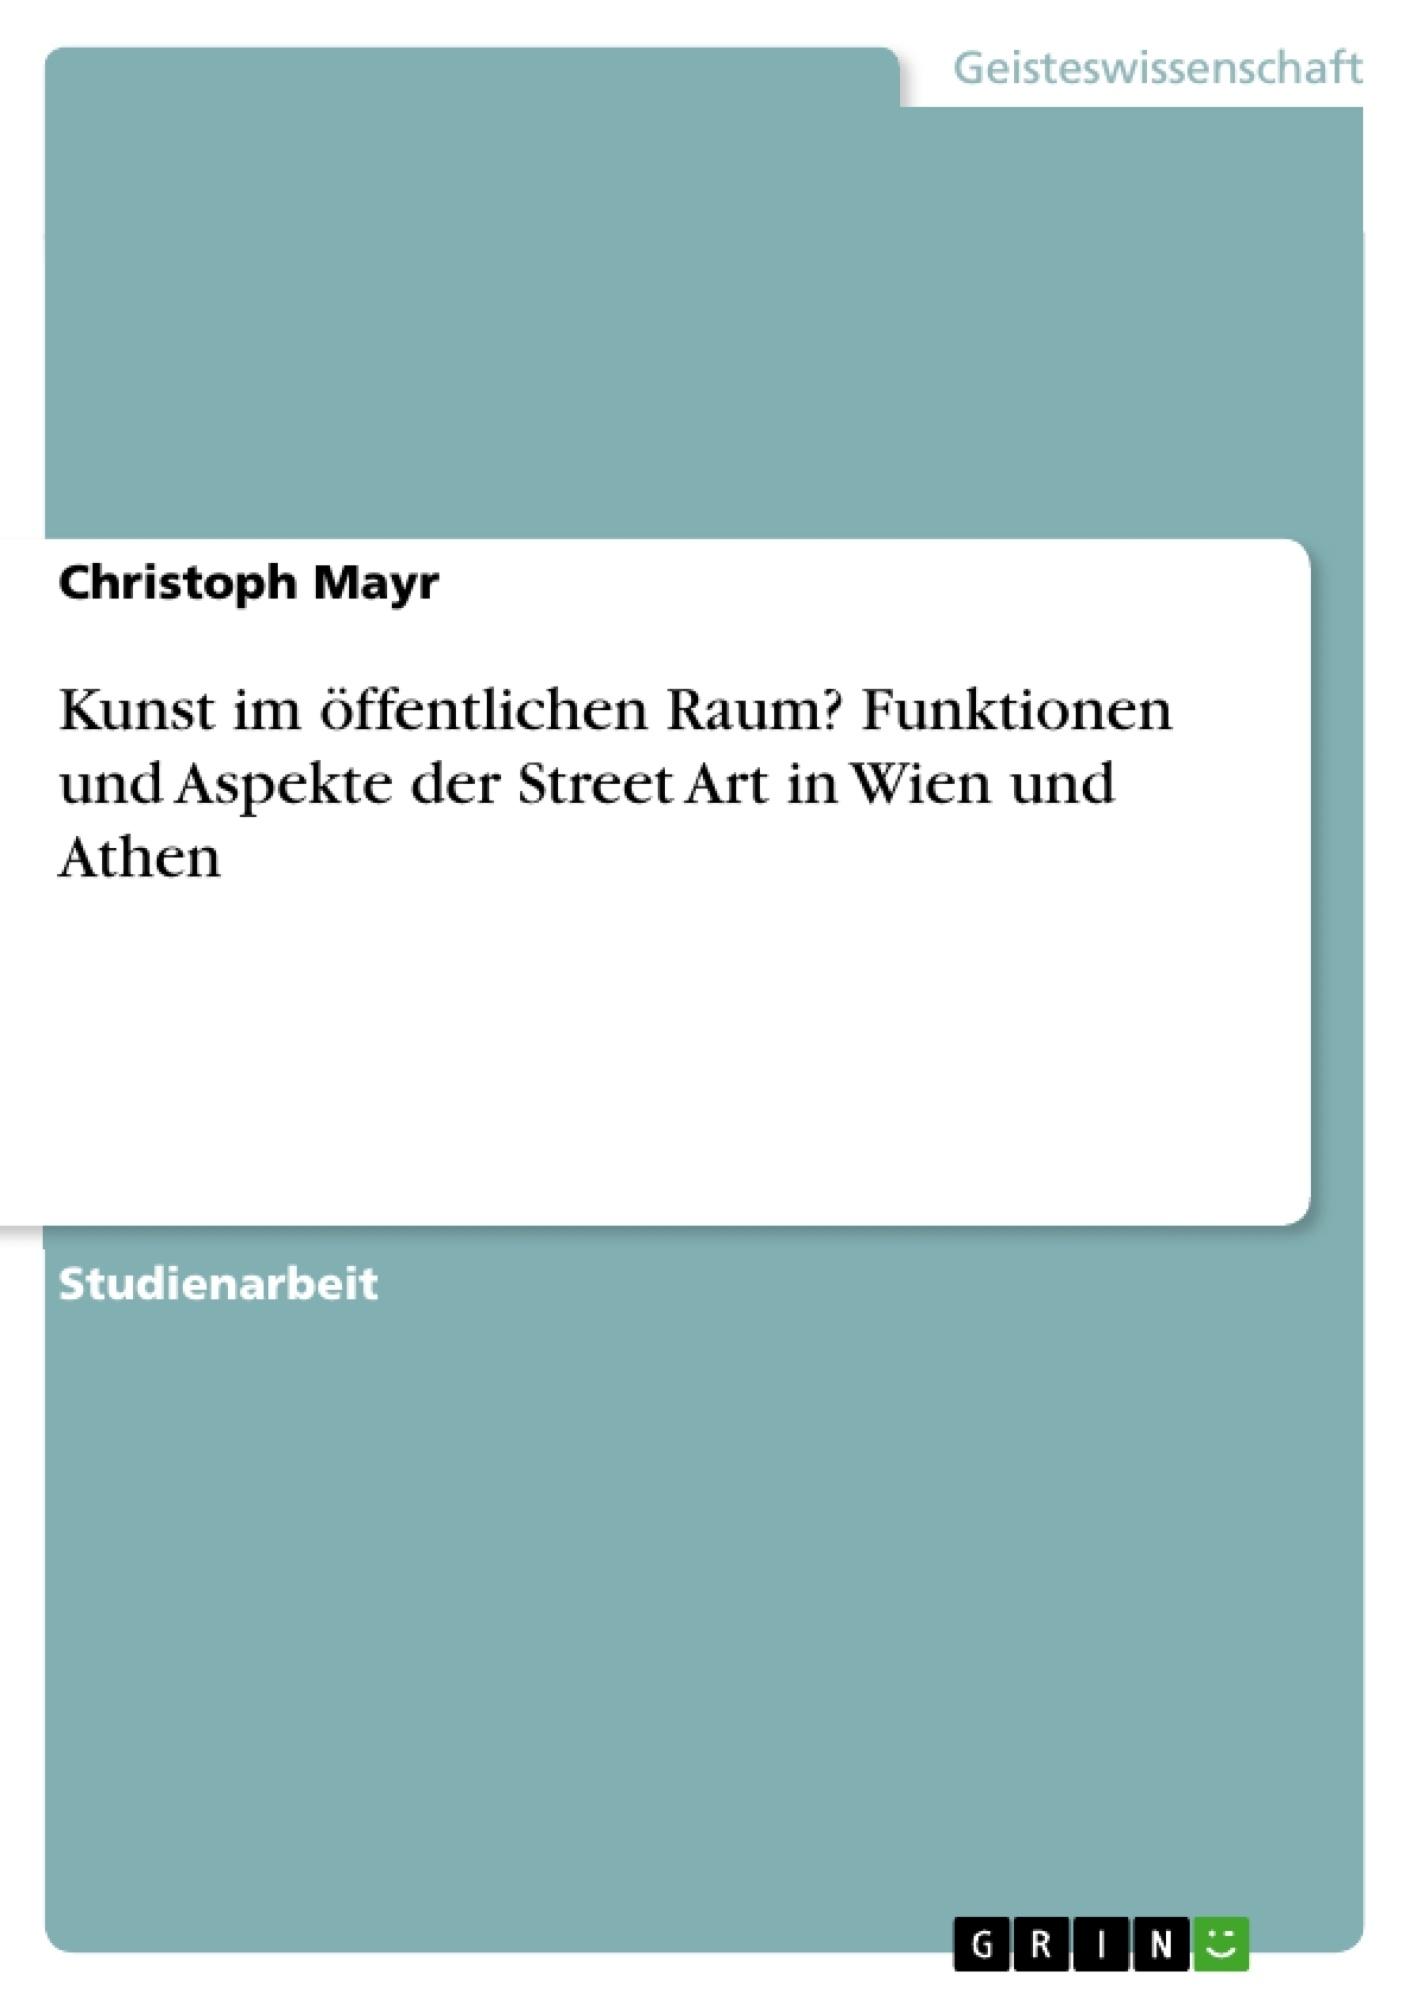 Titel: Kunst im öffentlichen Raum? Funktionen und Aspekte der Street Art in Wien und Athen